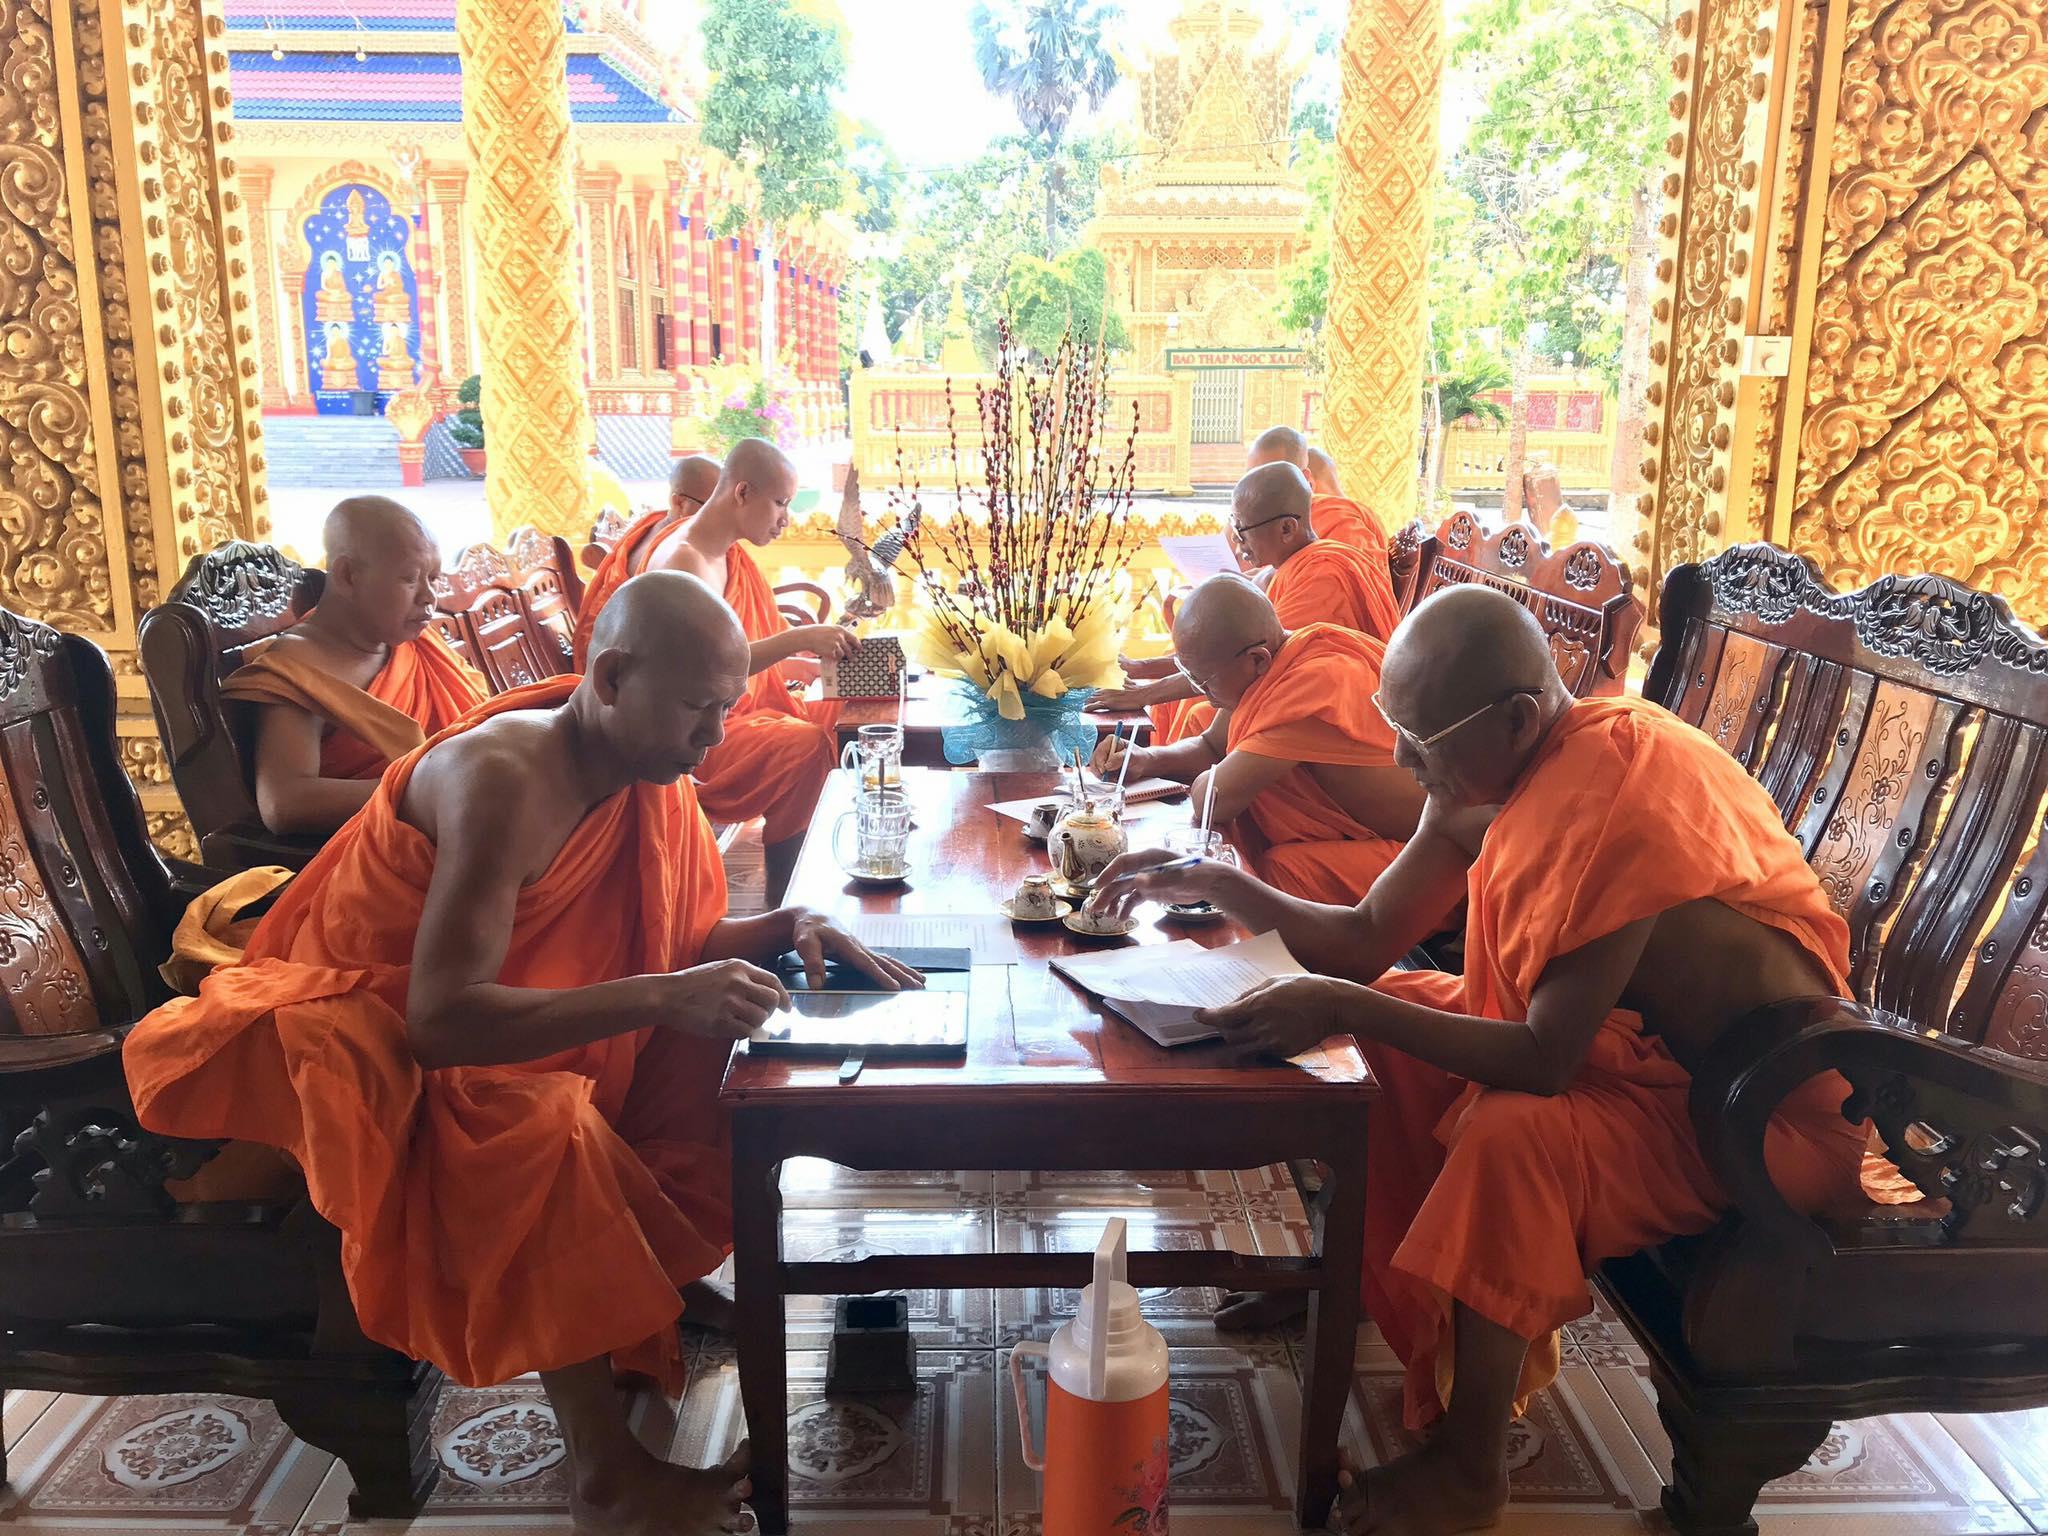 Thường trực Hội đoàn kết sư sãi yêu nước tỉnh Kiên Giang đã tiến hành họp để hướng dẫn tổ chức Đại lễ Phật đản 2020